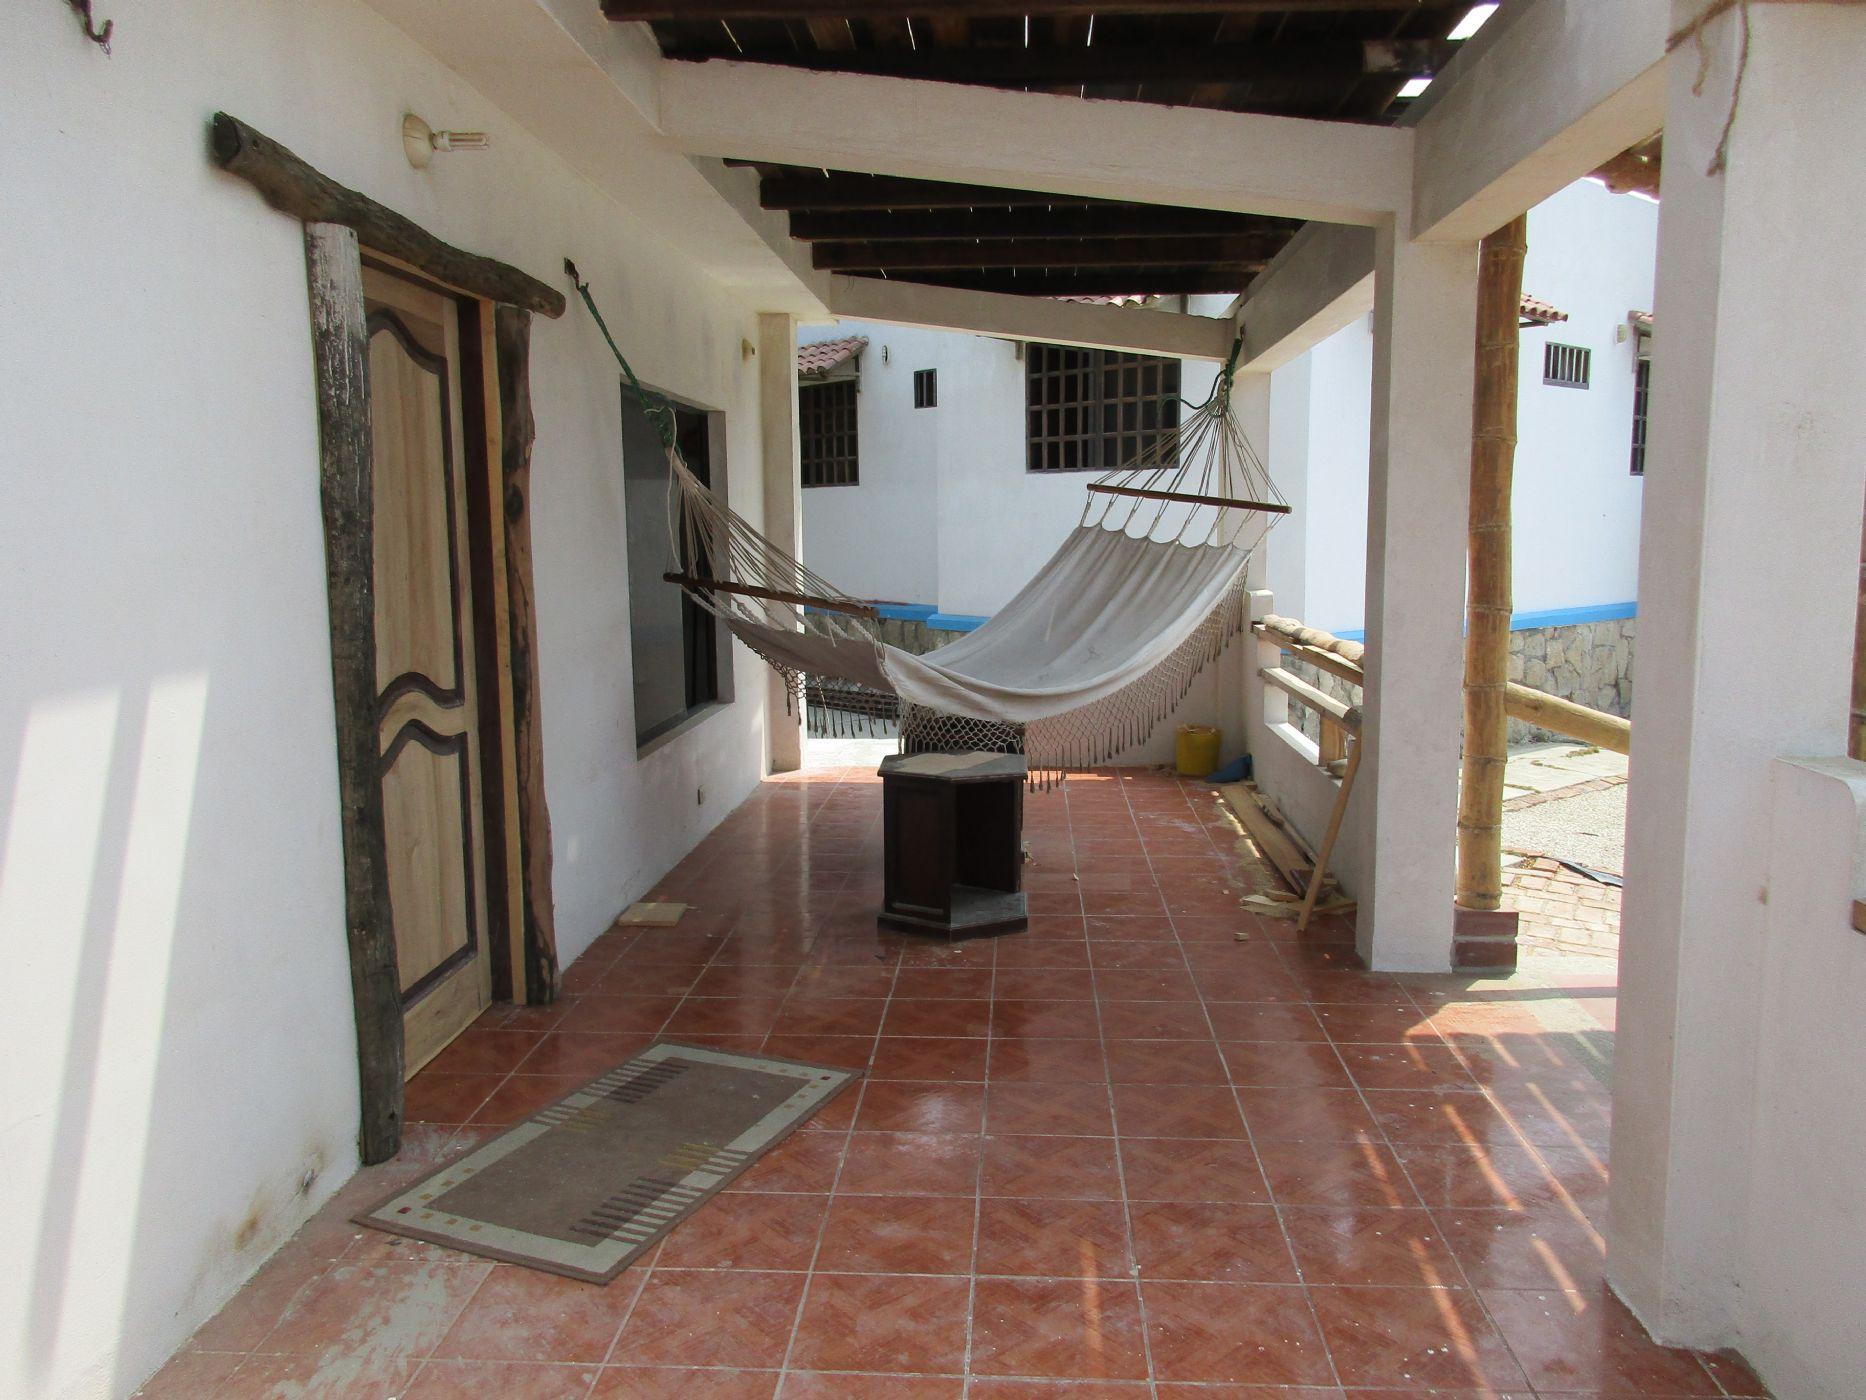 Anconcito-Ecuador-property-490819-4.JPG